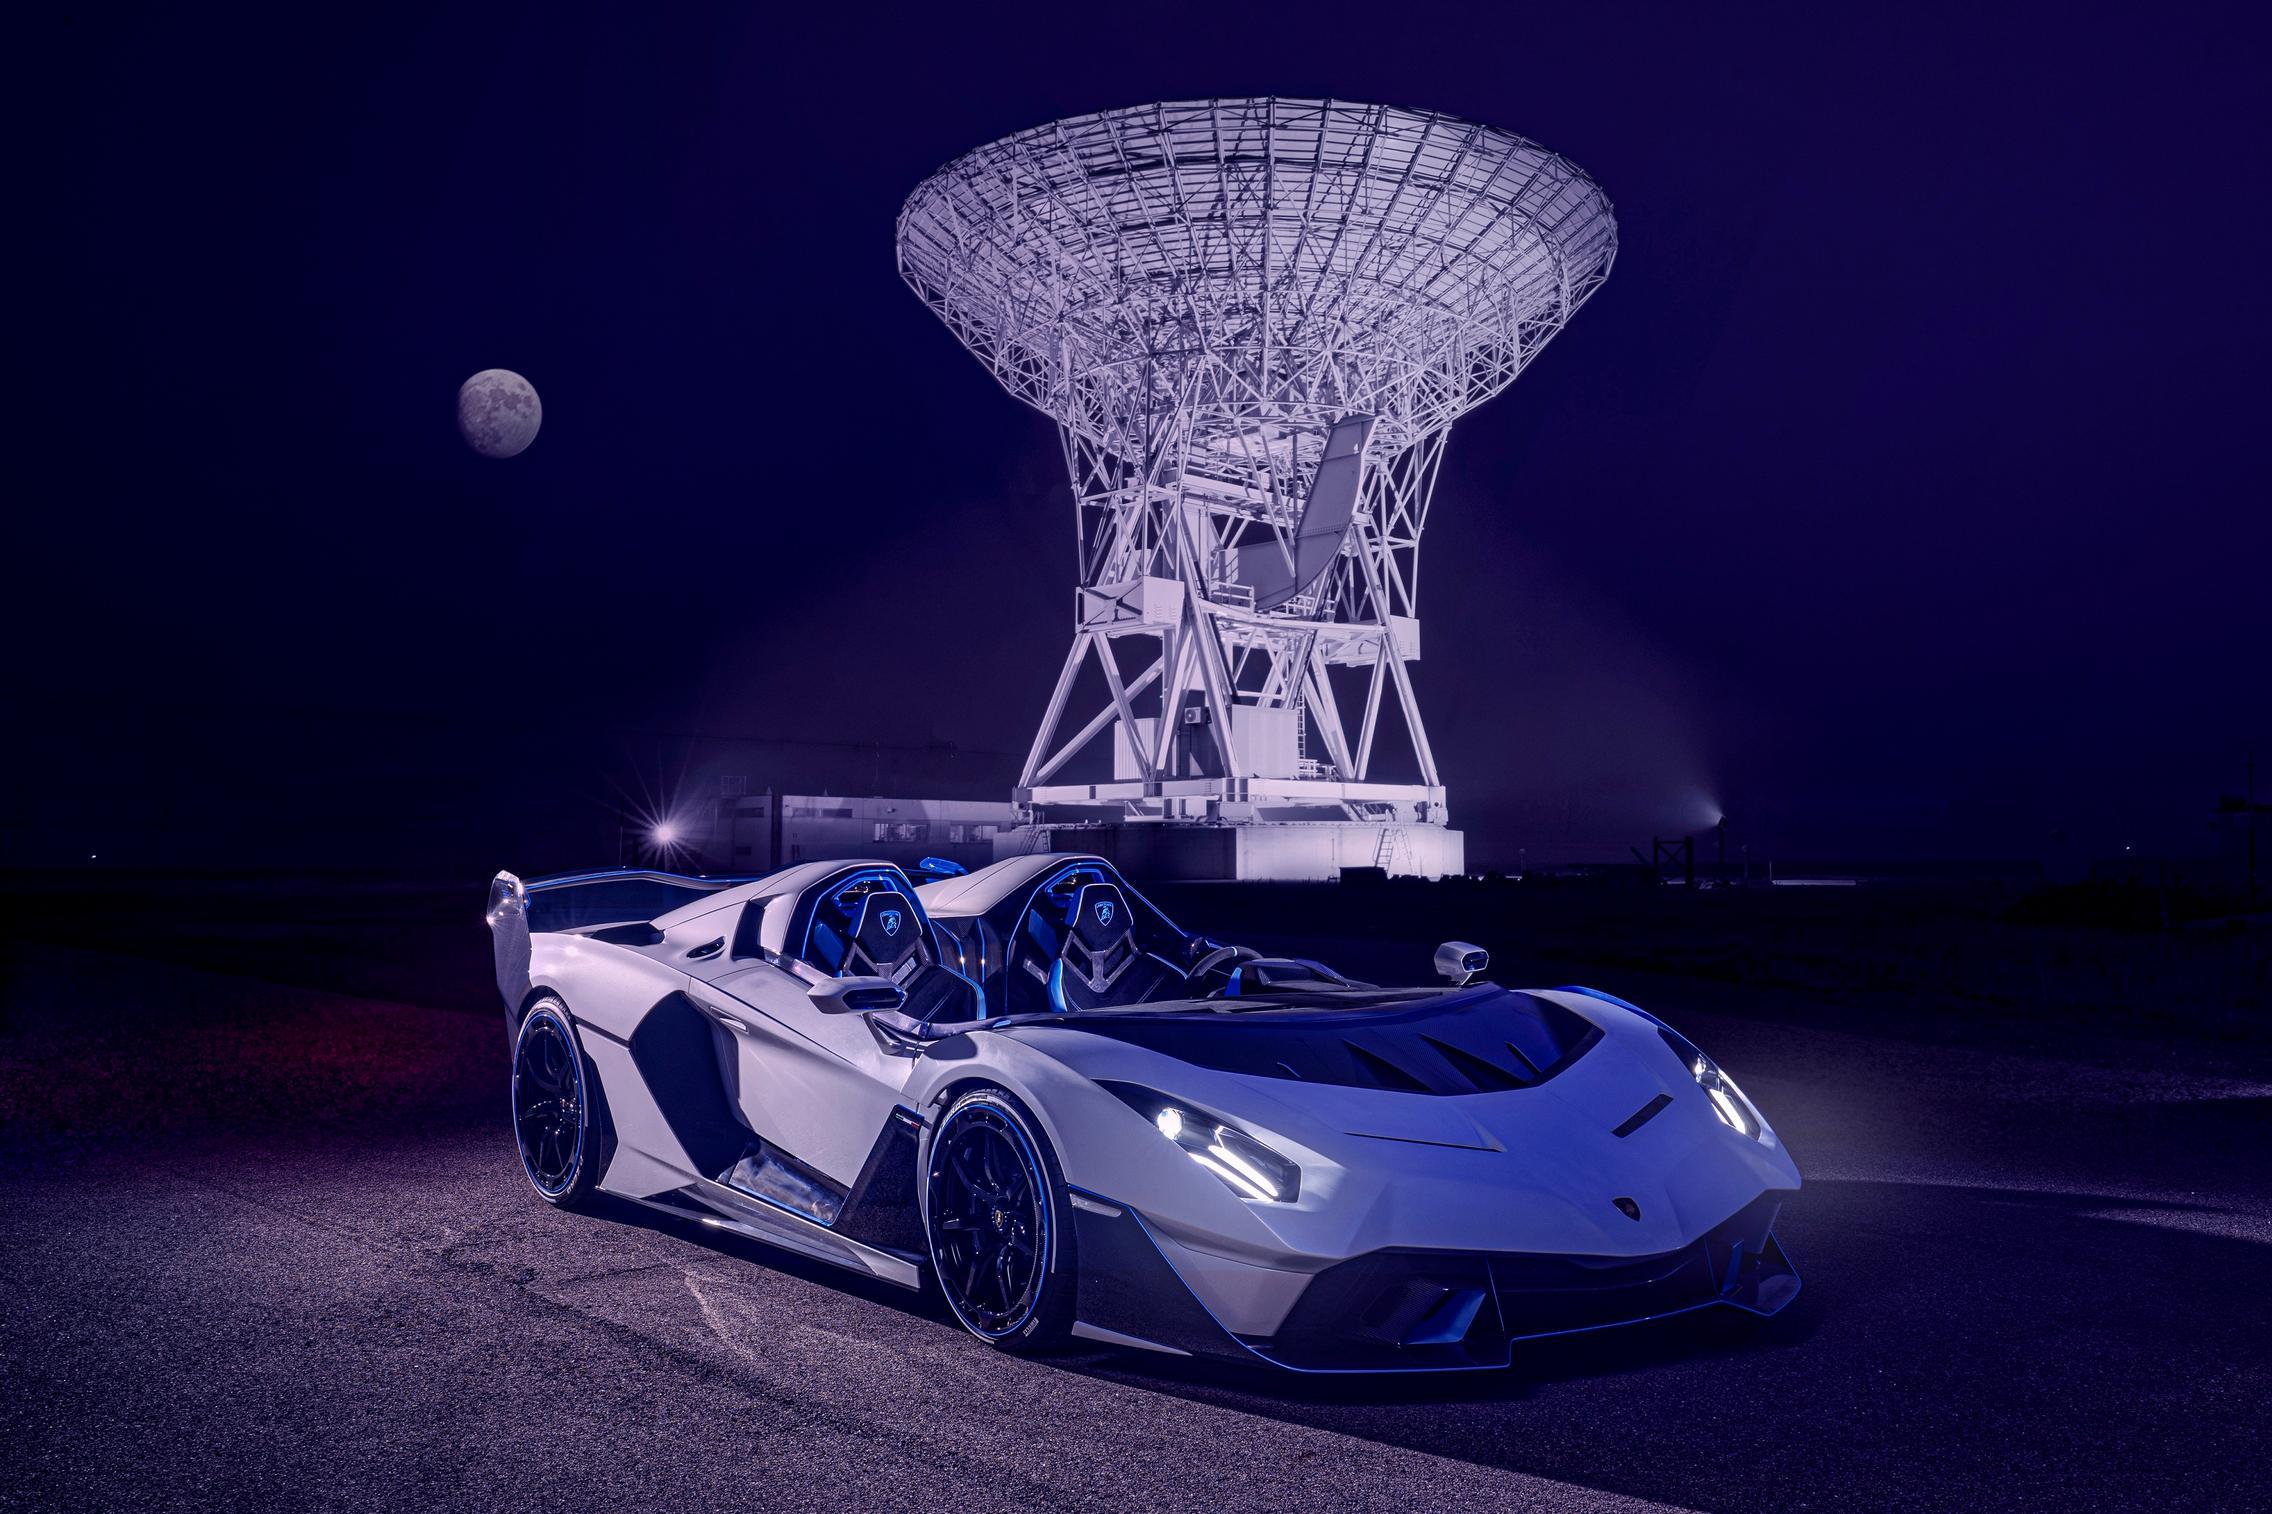 Lamborghini SC20 specs